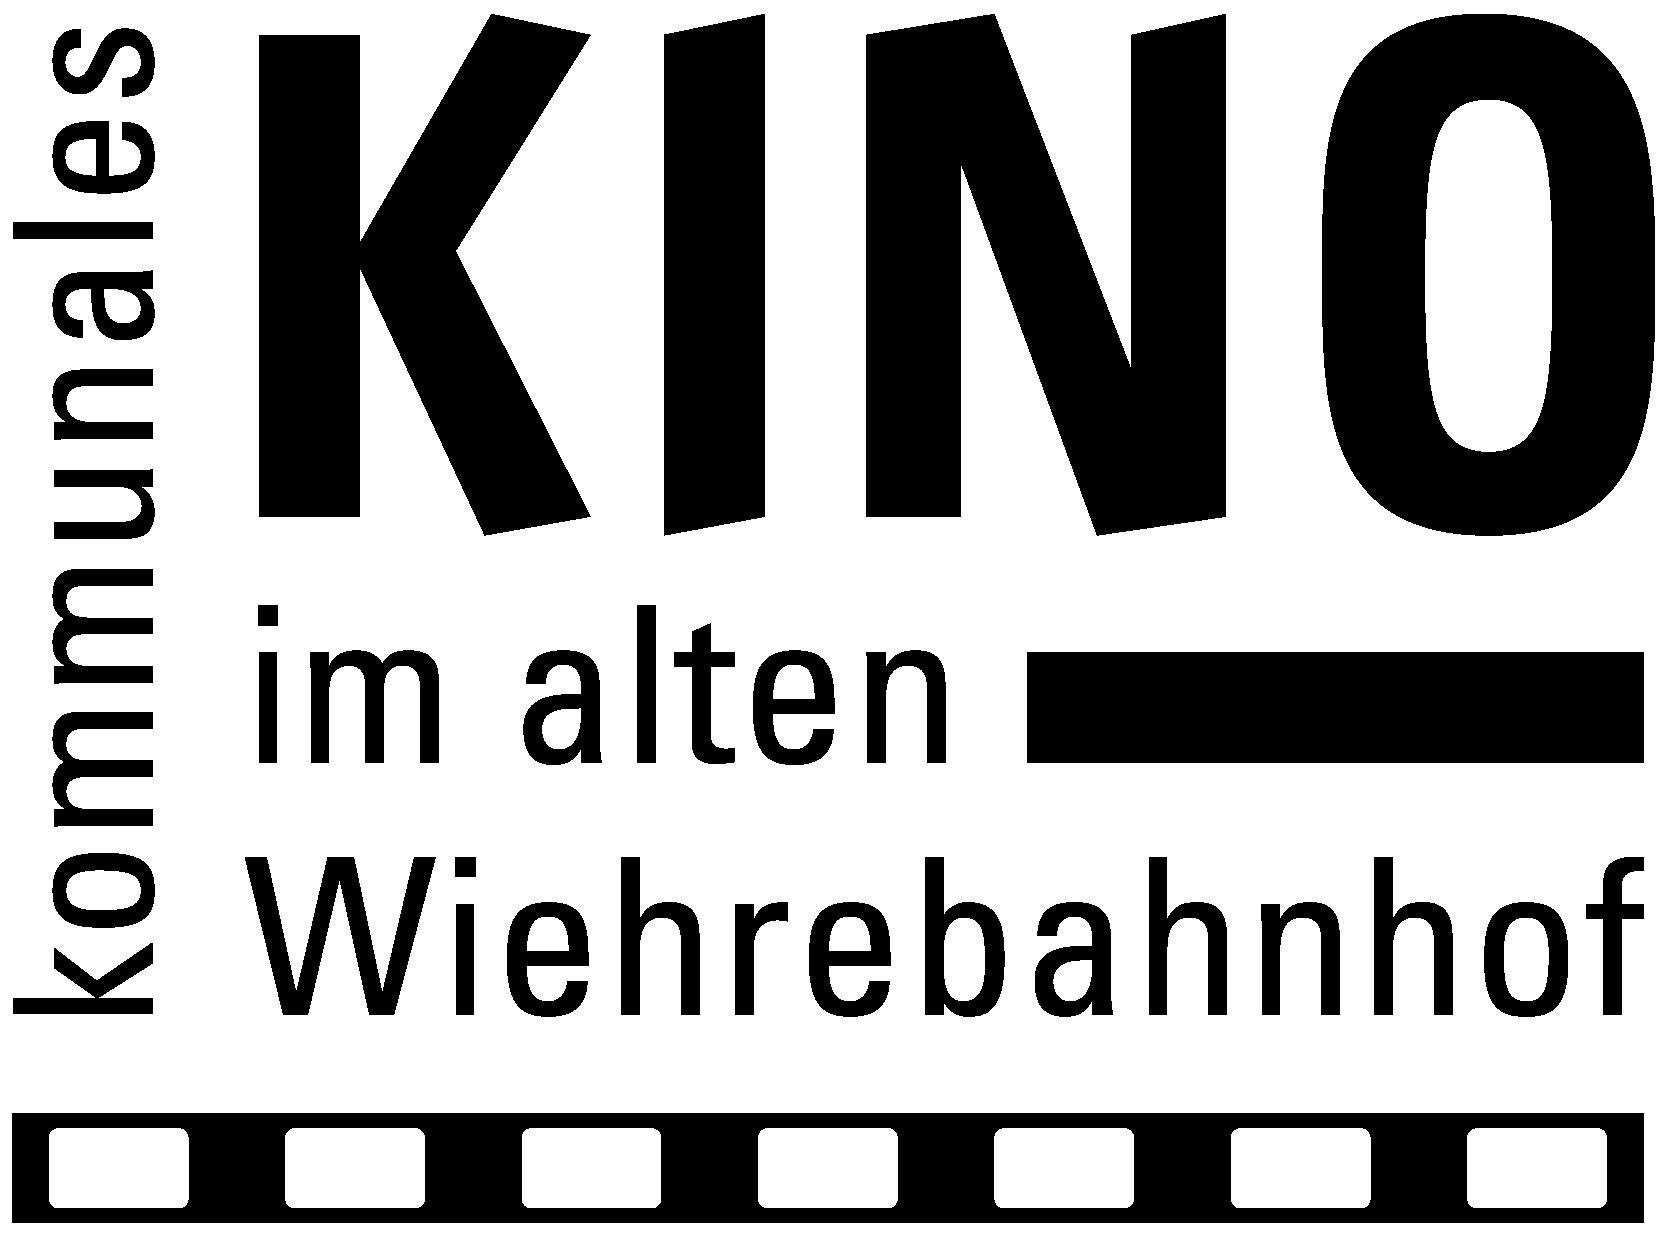 logo_kommunales_kino.JPG